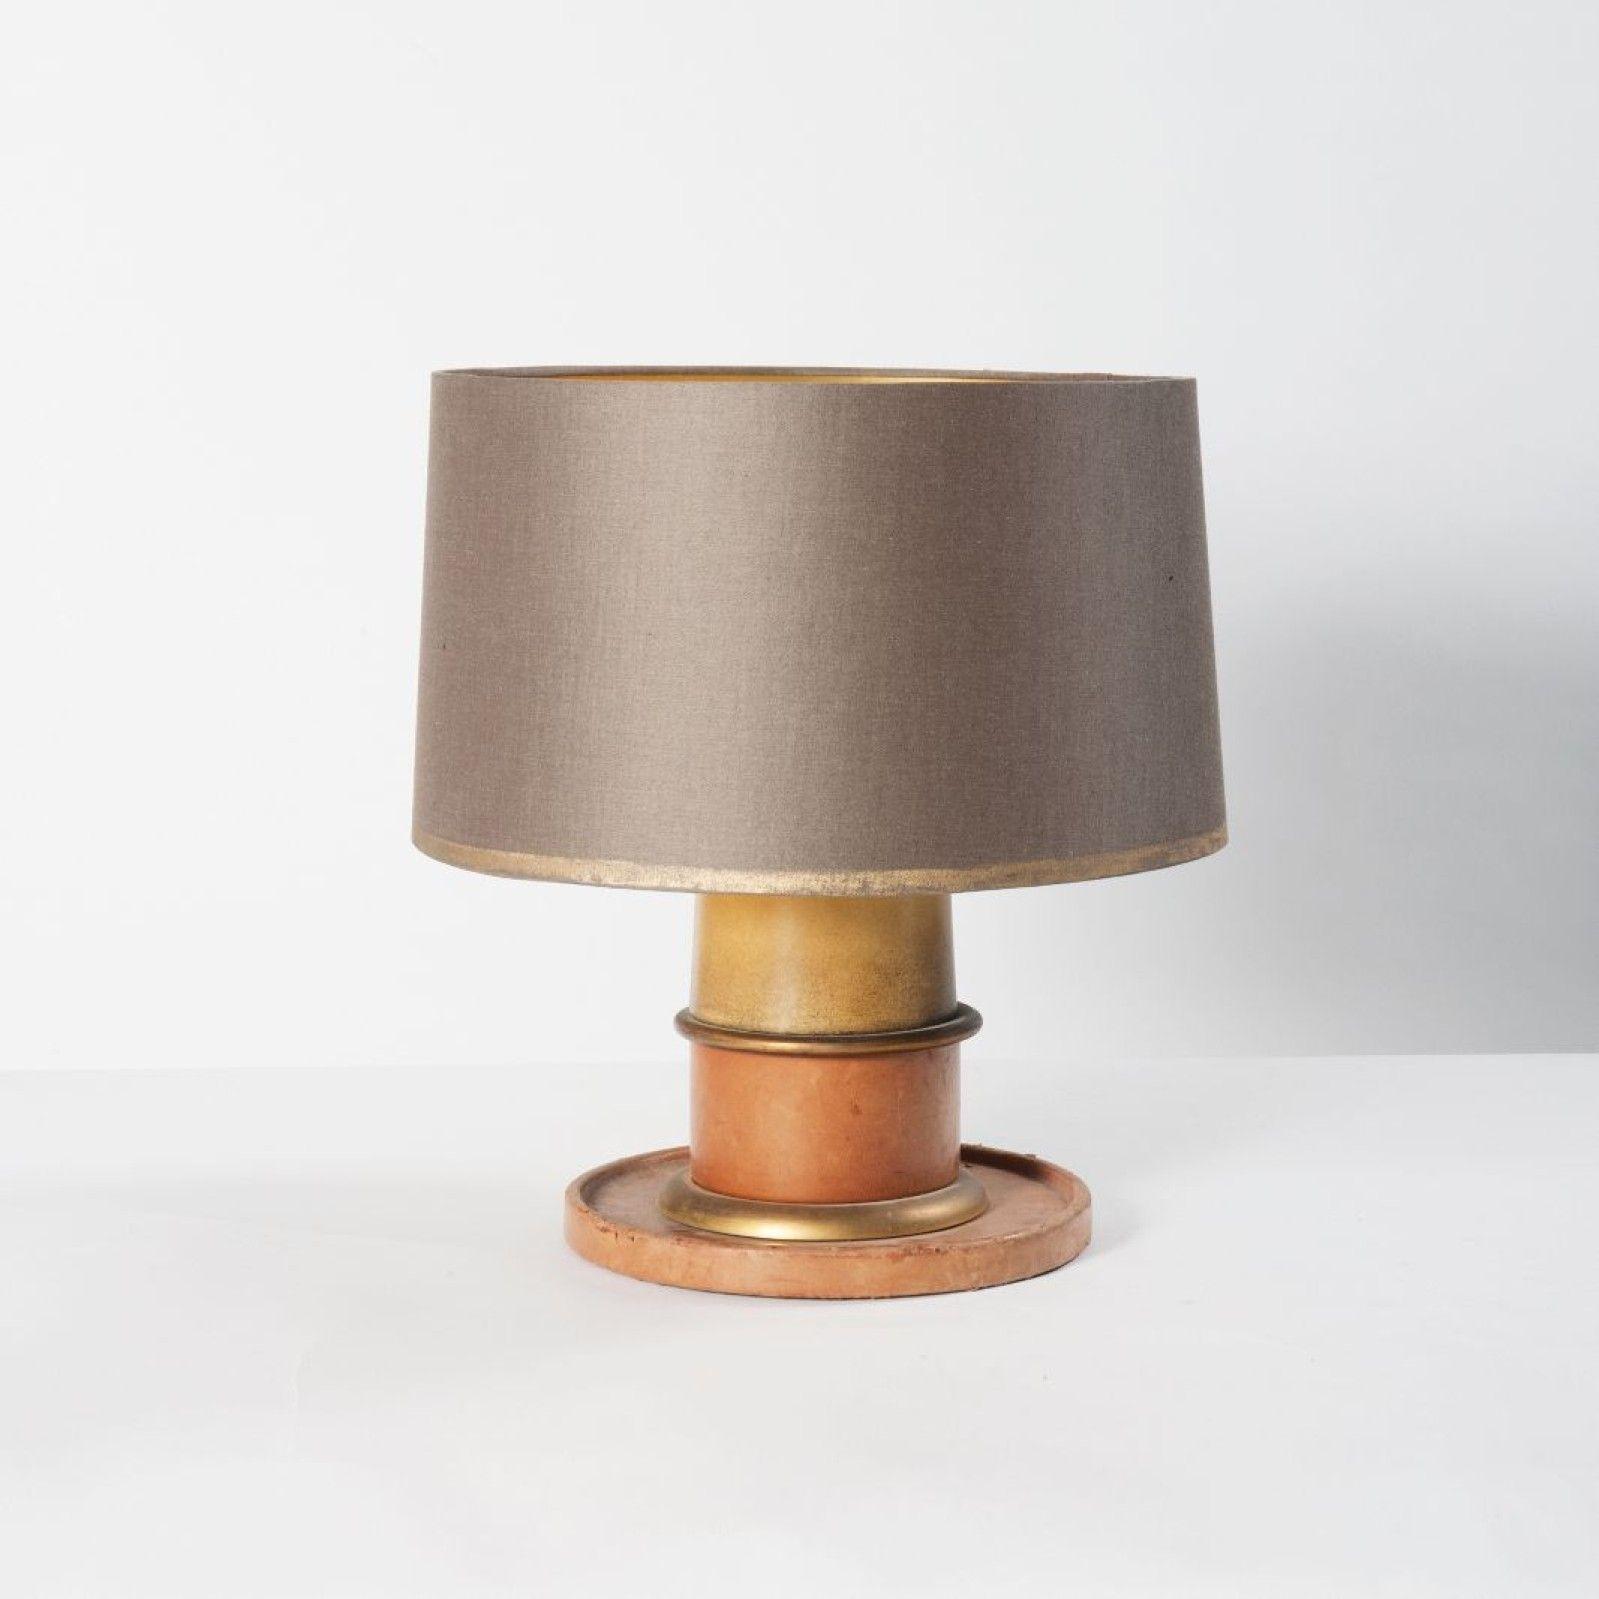 Jacques Adnet Attribue A Lampe De Table Bois Cuir Laiton Et